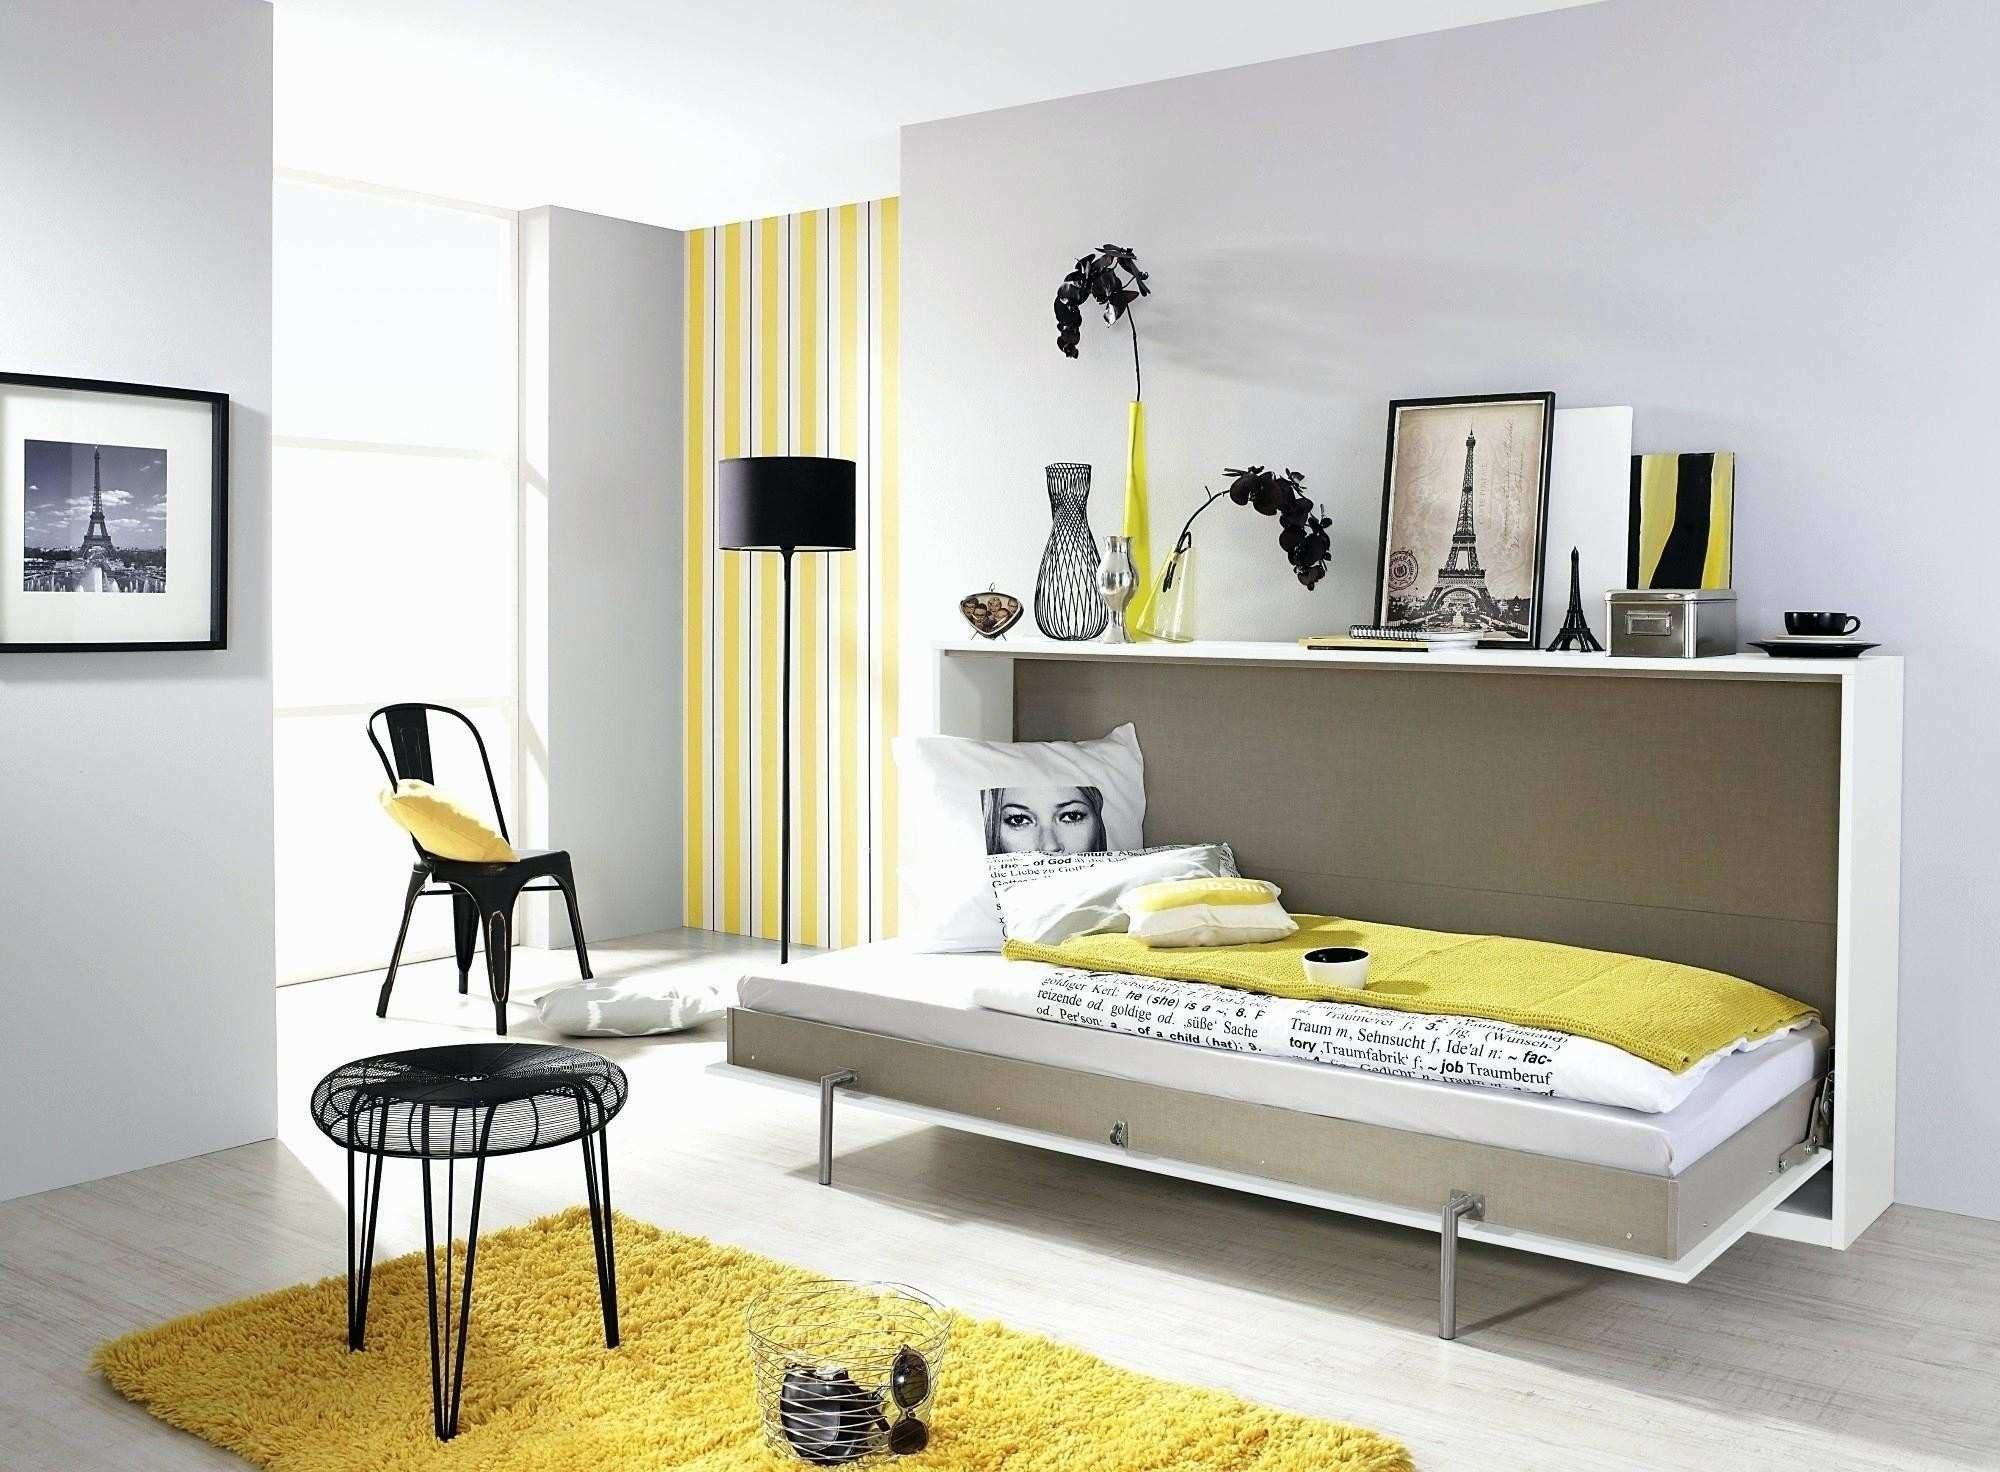 Lit Une Place Pas Cher Frais Divin Canape Angle Pas Cher Design  Lit Convertible 2 Places Ikea